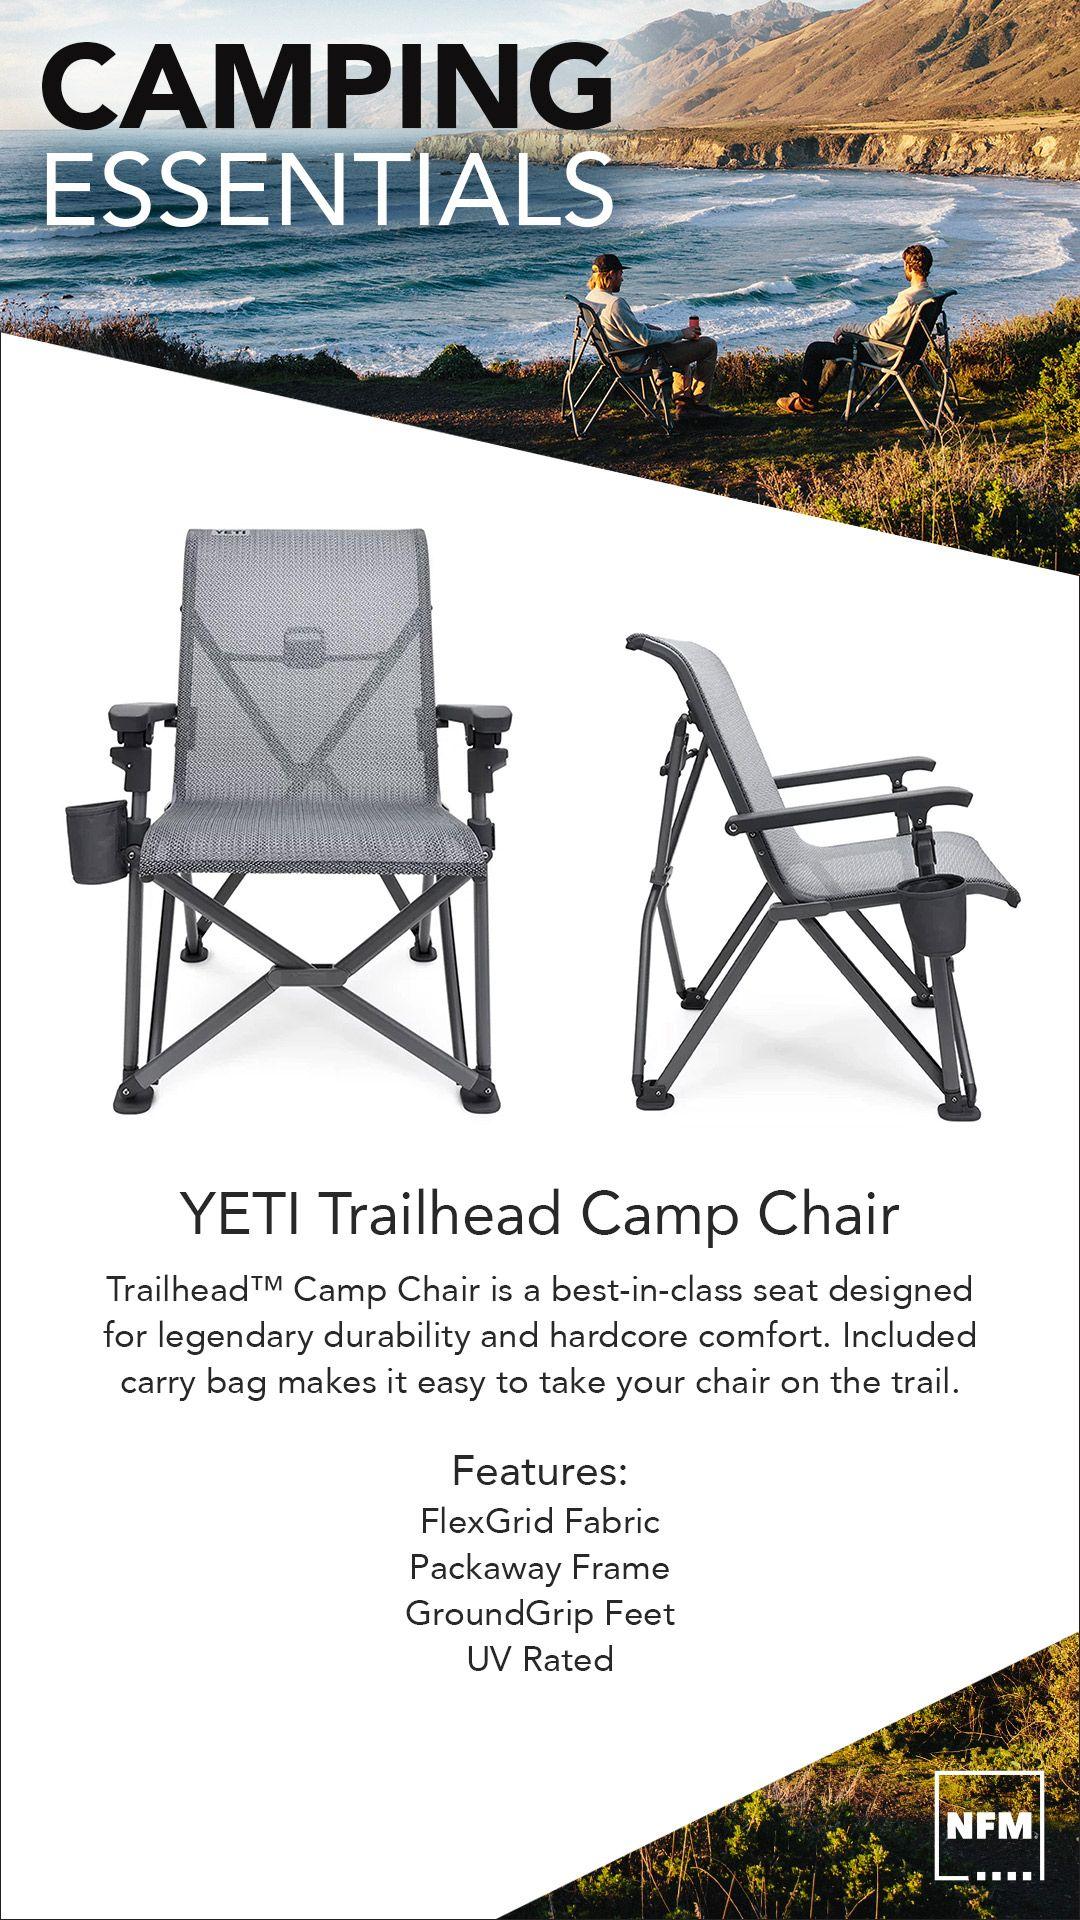 yeti trailhead camping chair